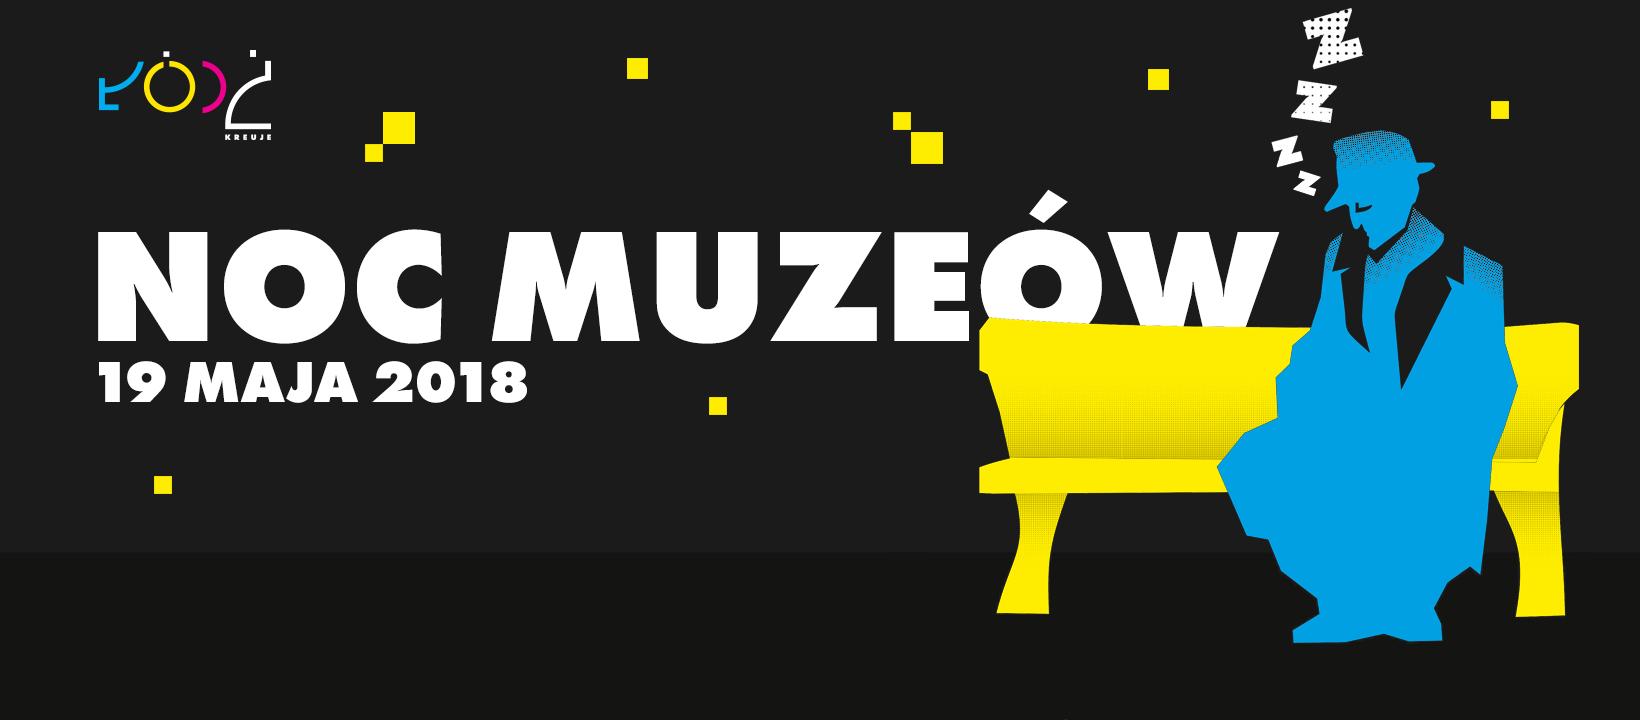 Noc Muzeów 2018 już 19 maja! Interaktywna wystawa komputerów oraz klasycznych samochodów.